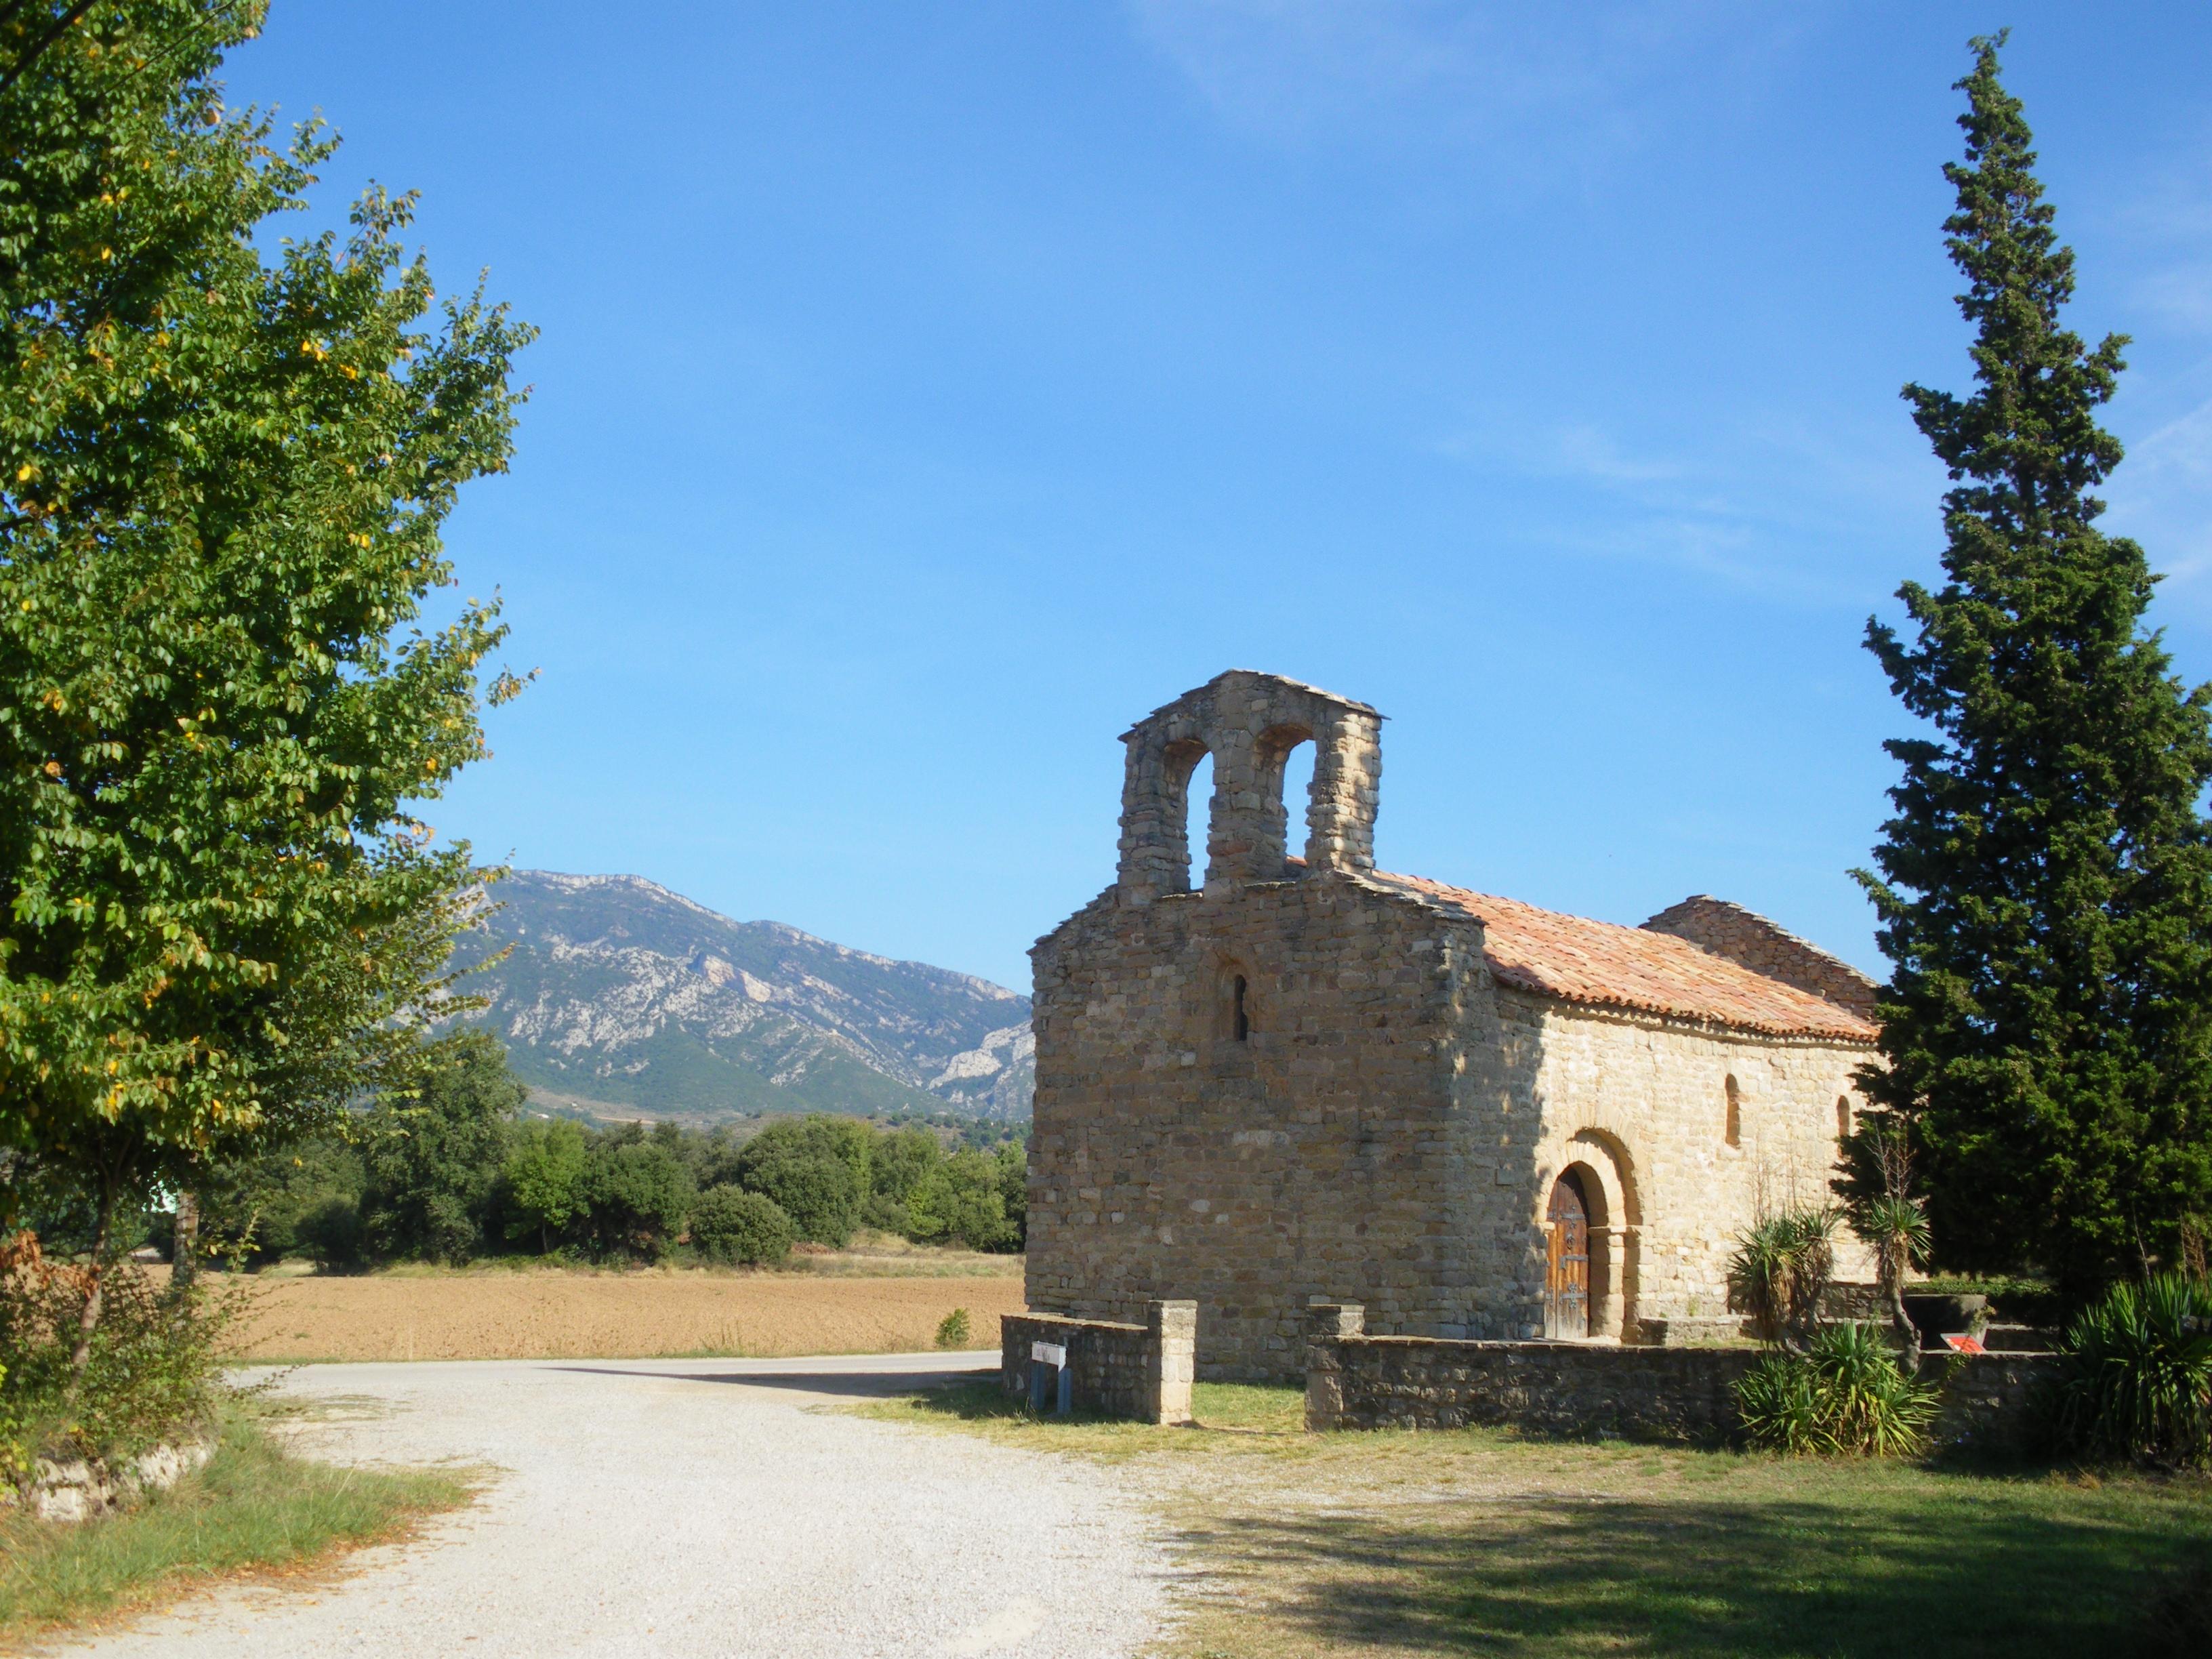 Ruta del romànic al Berguedà